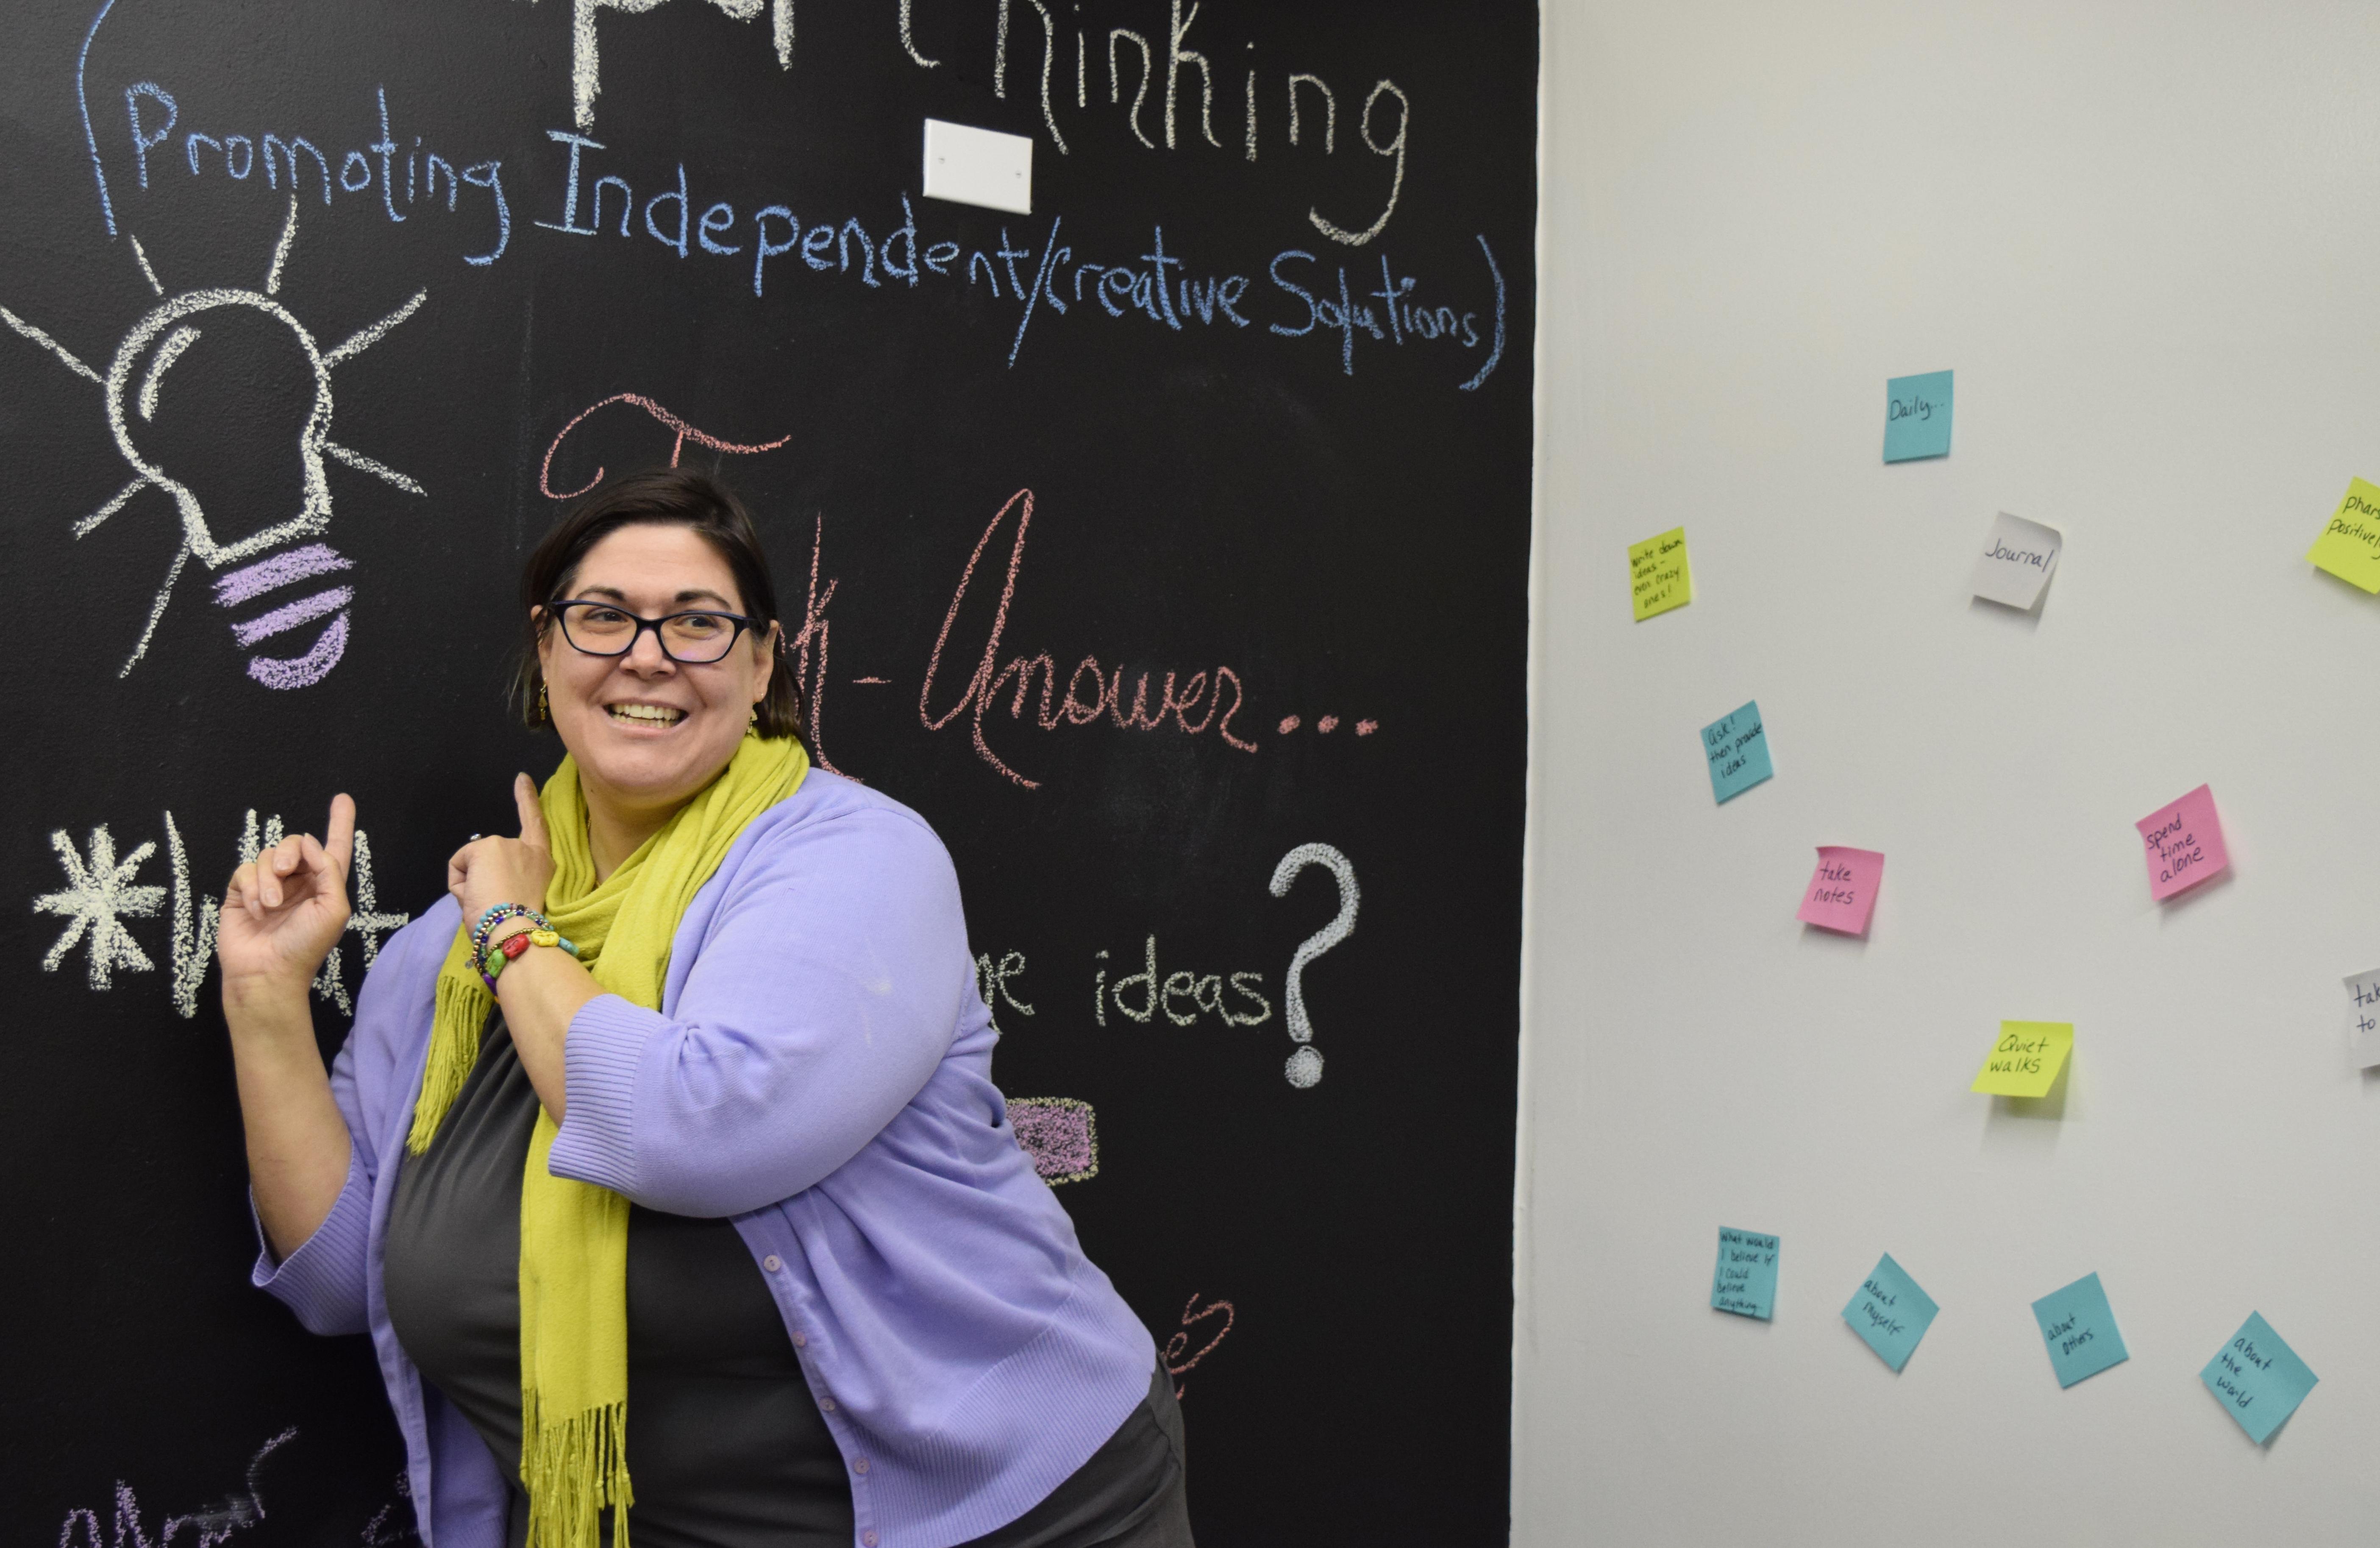 Meet Berwyn's Entrepreneurs: Sarah Corbin